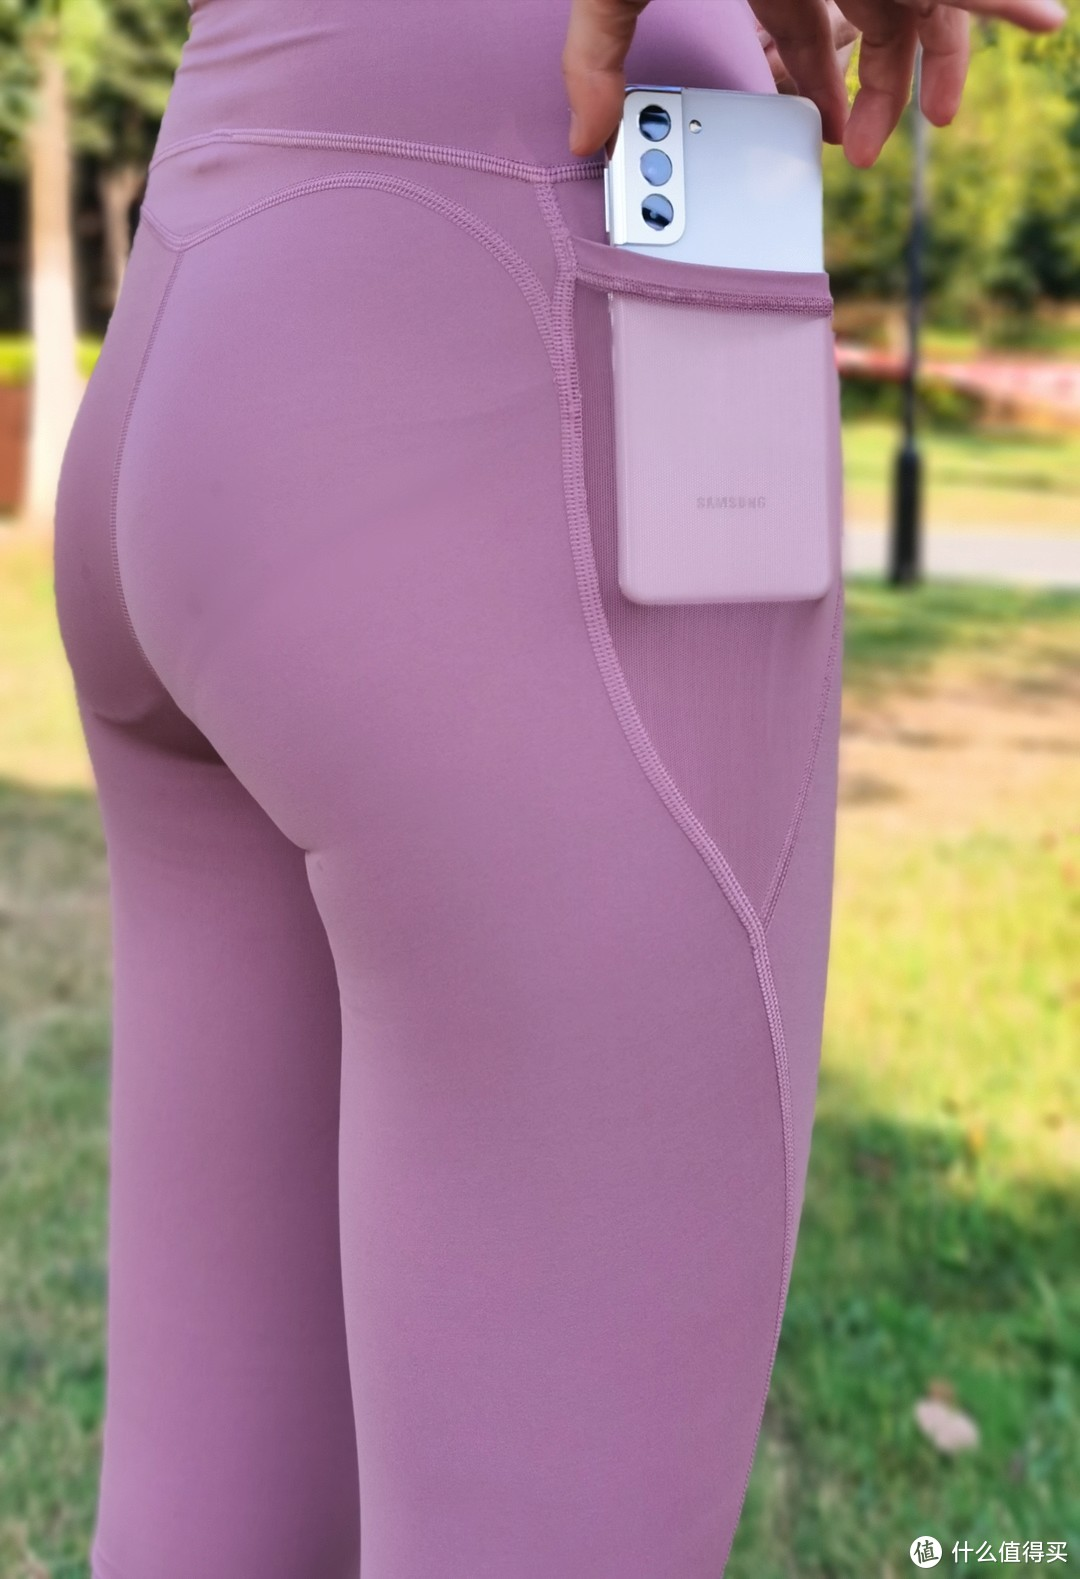 5款健身裤真人横评,lulu、玛娅、迪卡侬、阿迪谁能C位出道?